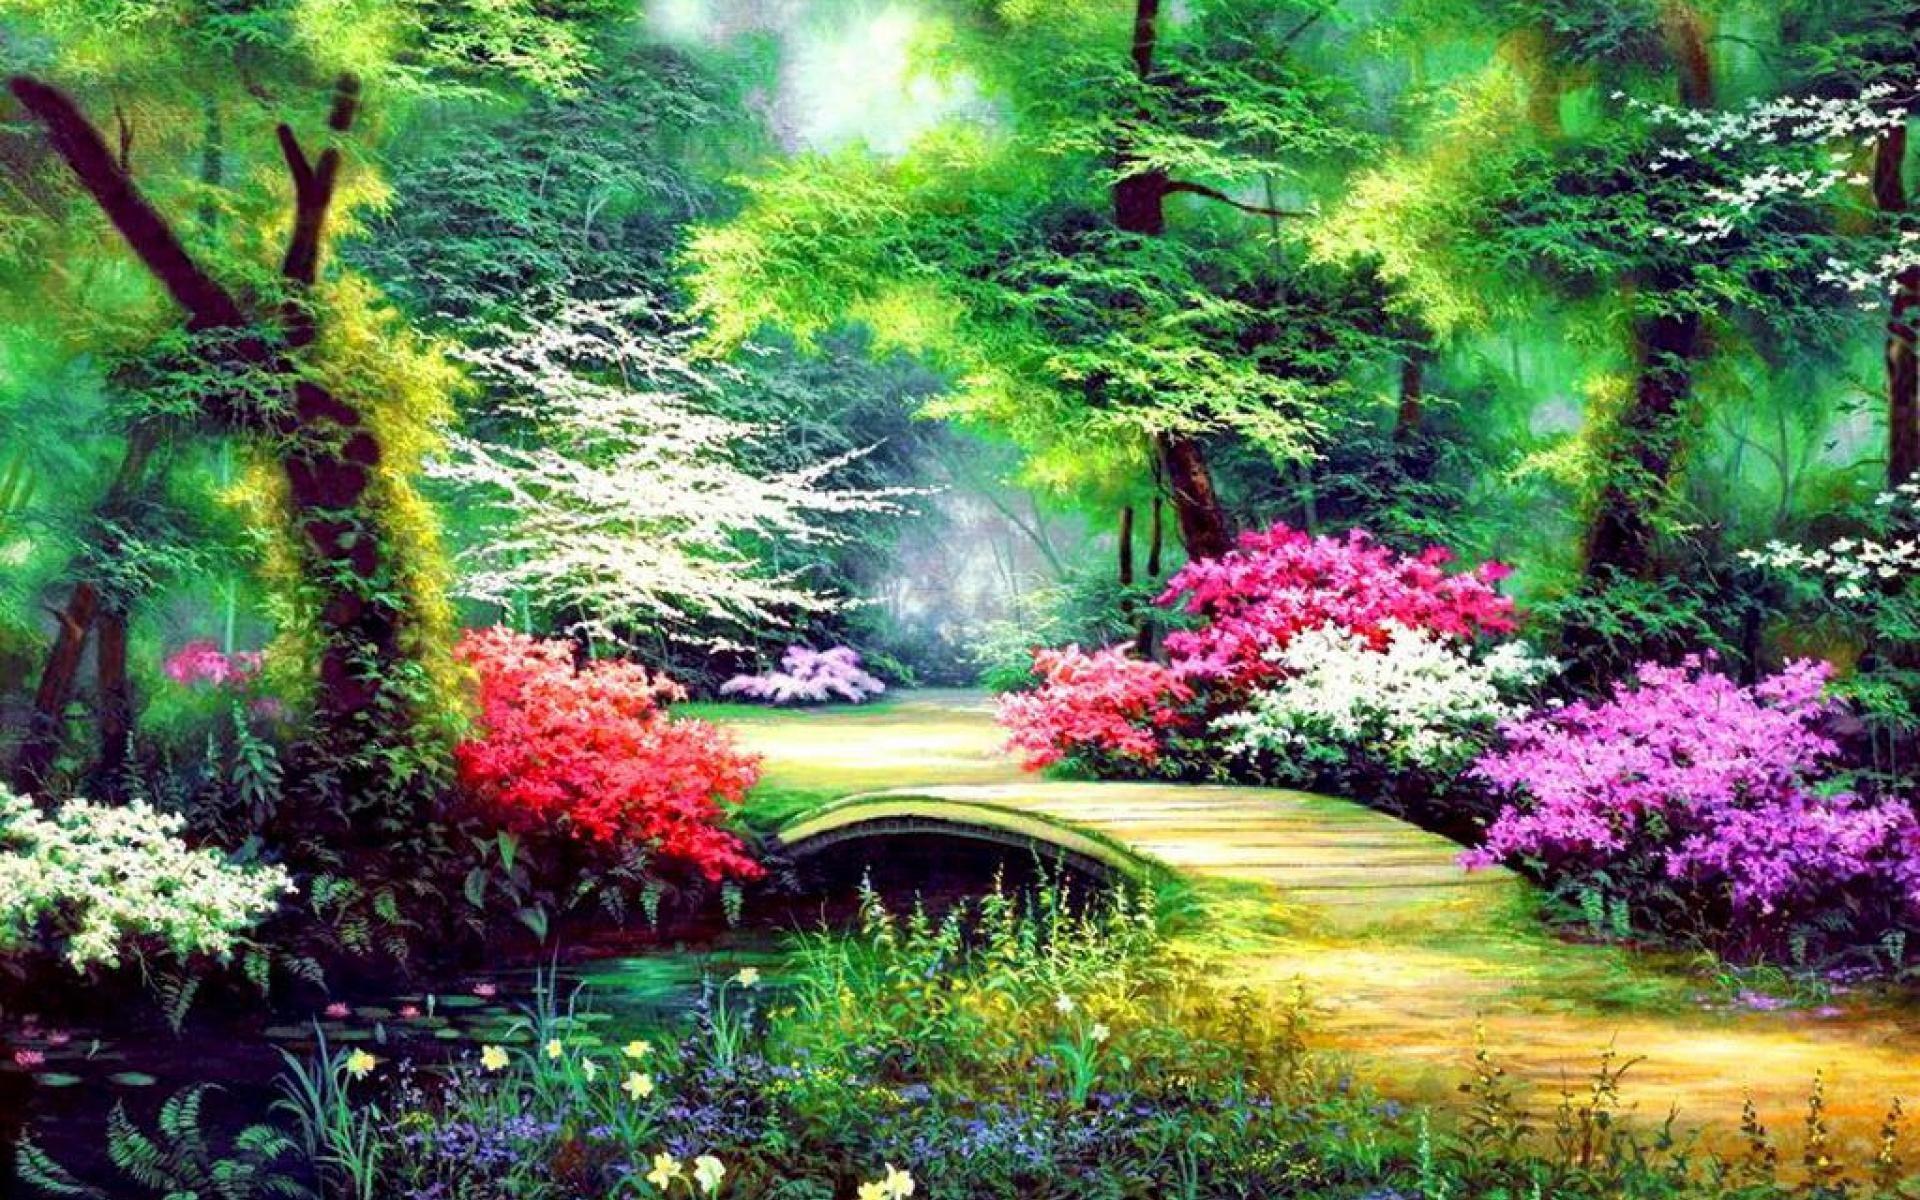 Enchanted Garden: Enchanted Garden Wallpapers